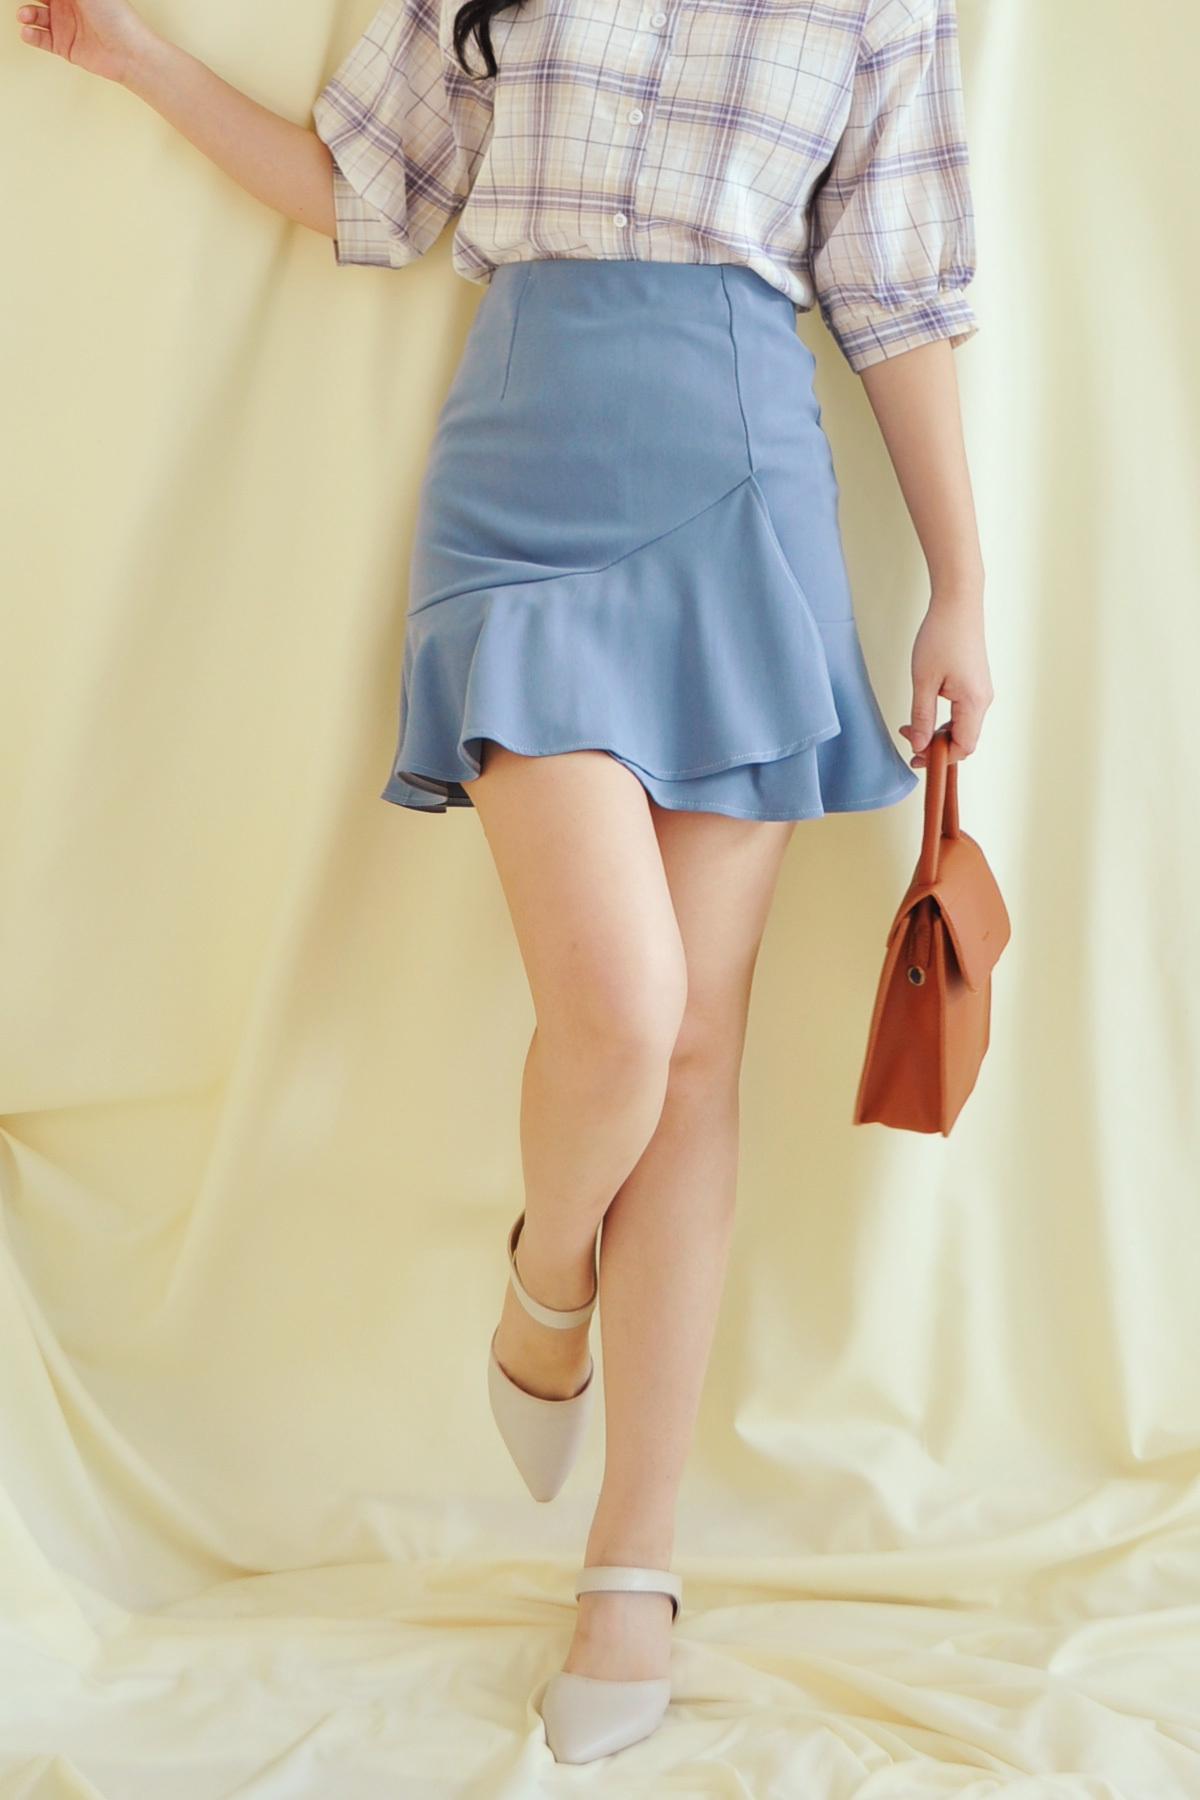 Muse_skirt.jpg